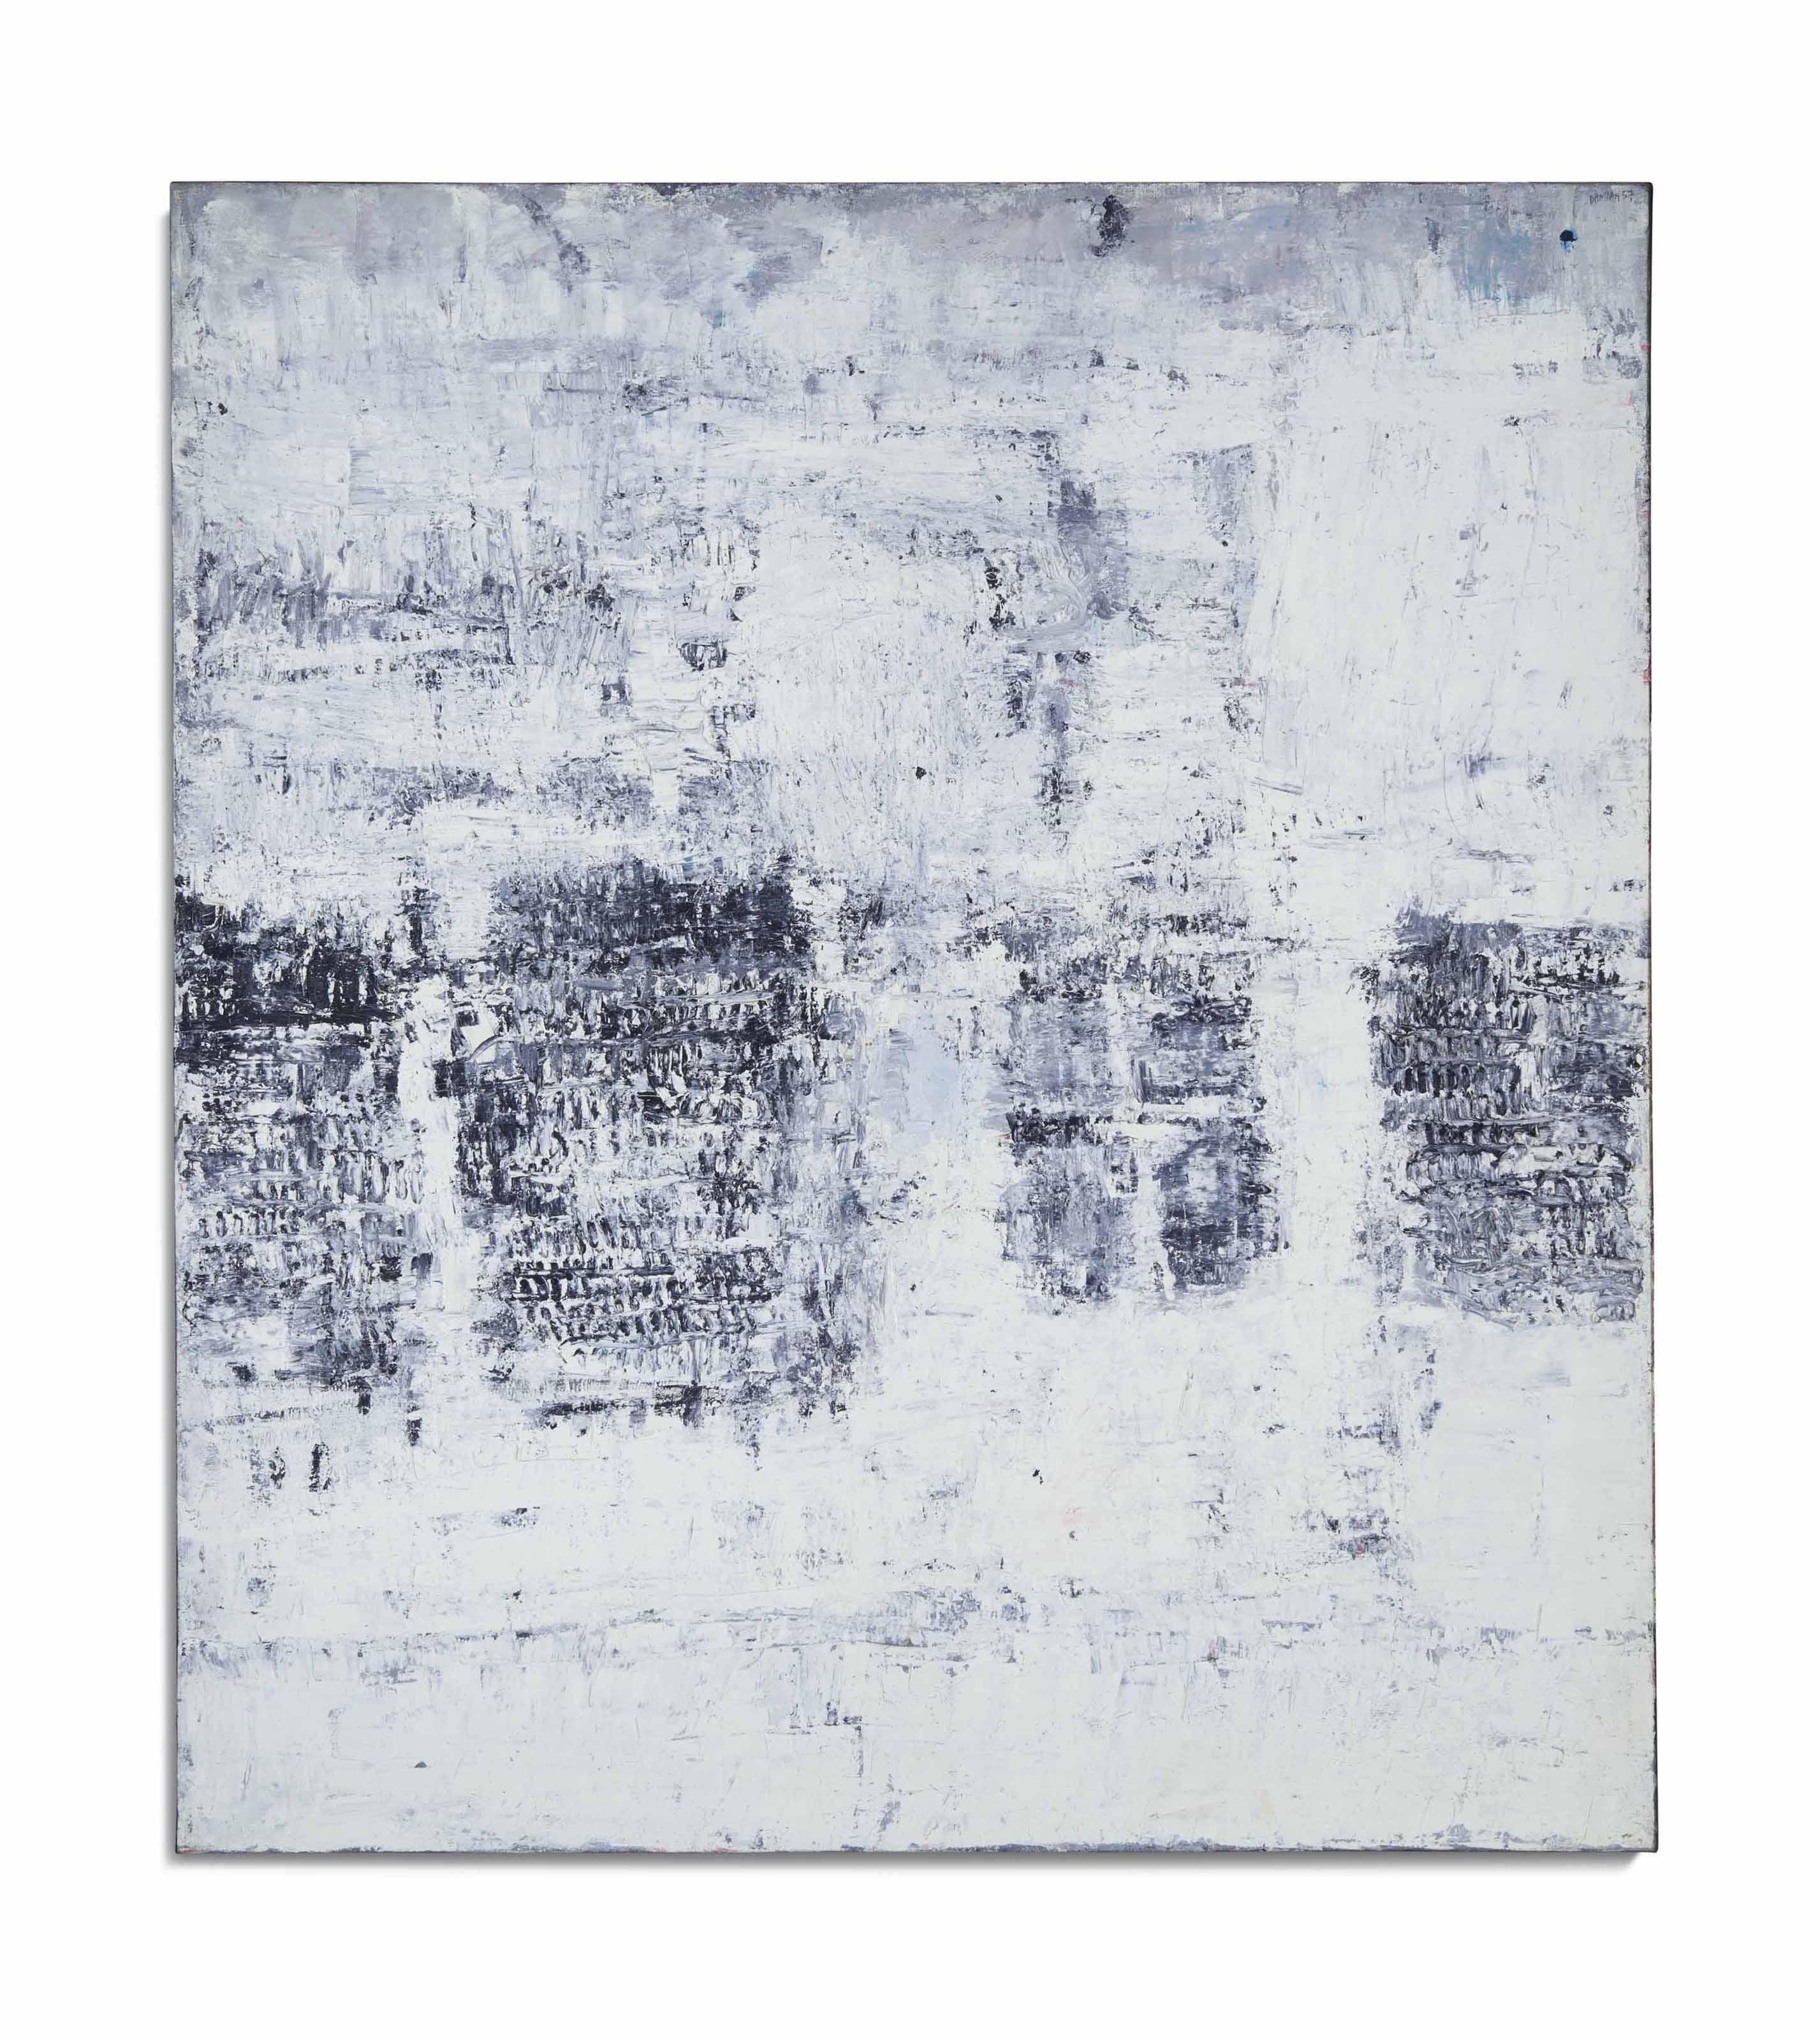 Composition avec 4 formes grises